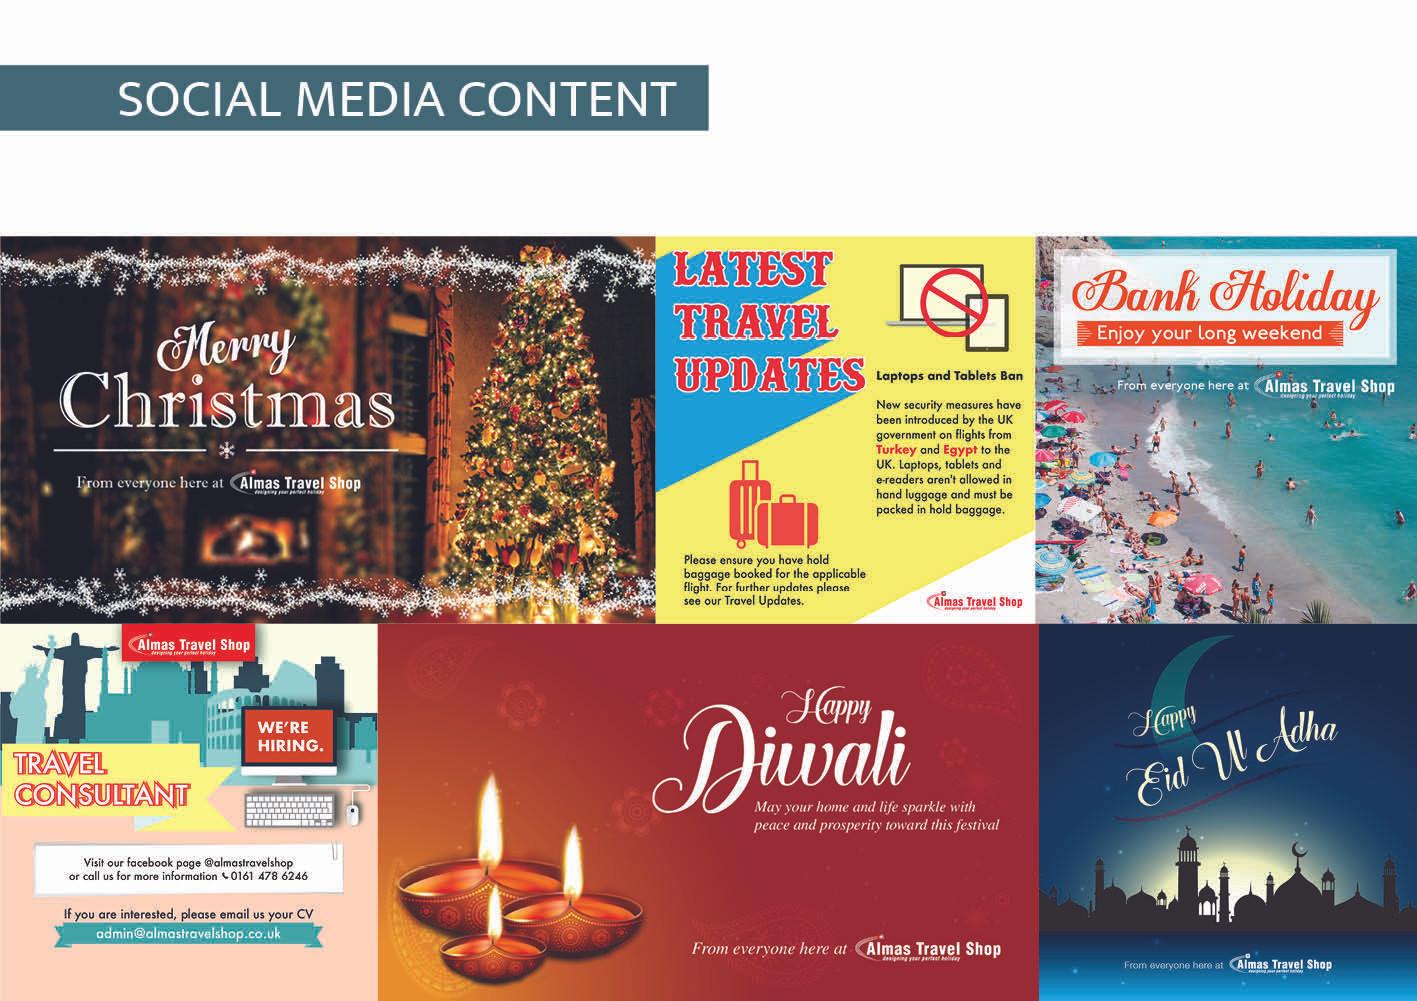 Almas Travel Shop - social media content